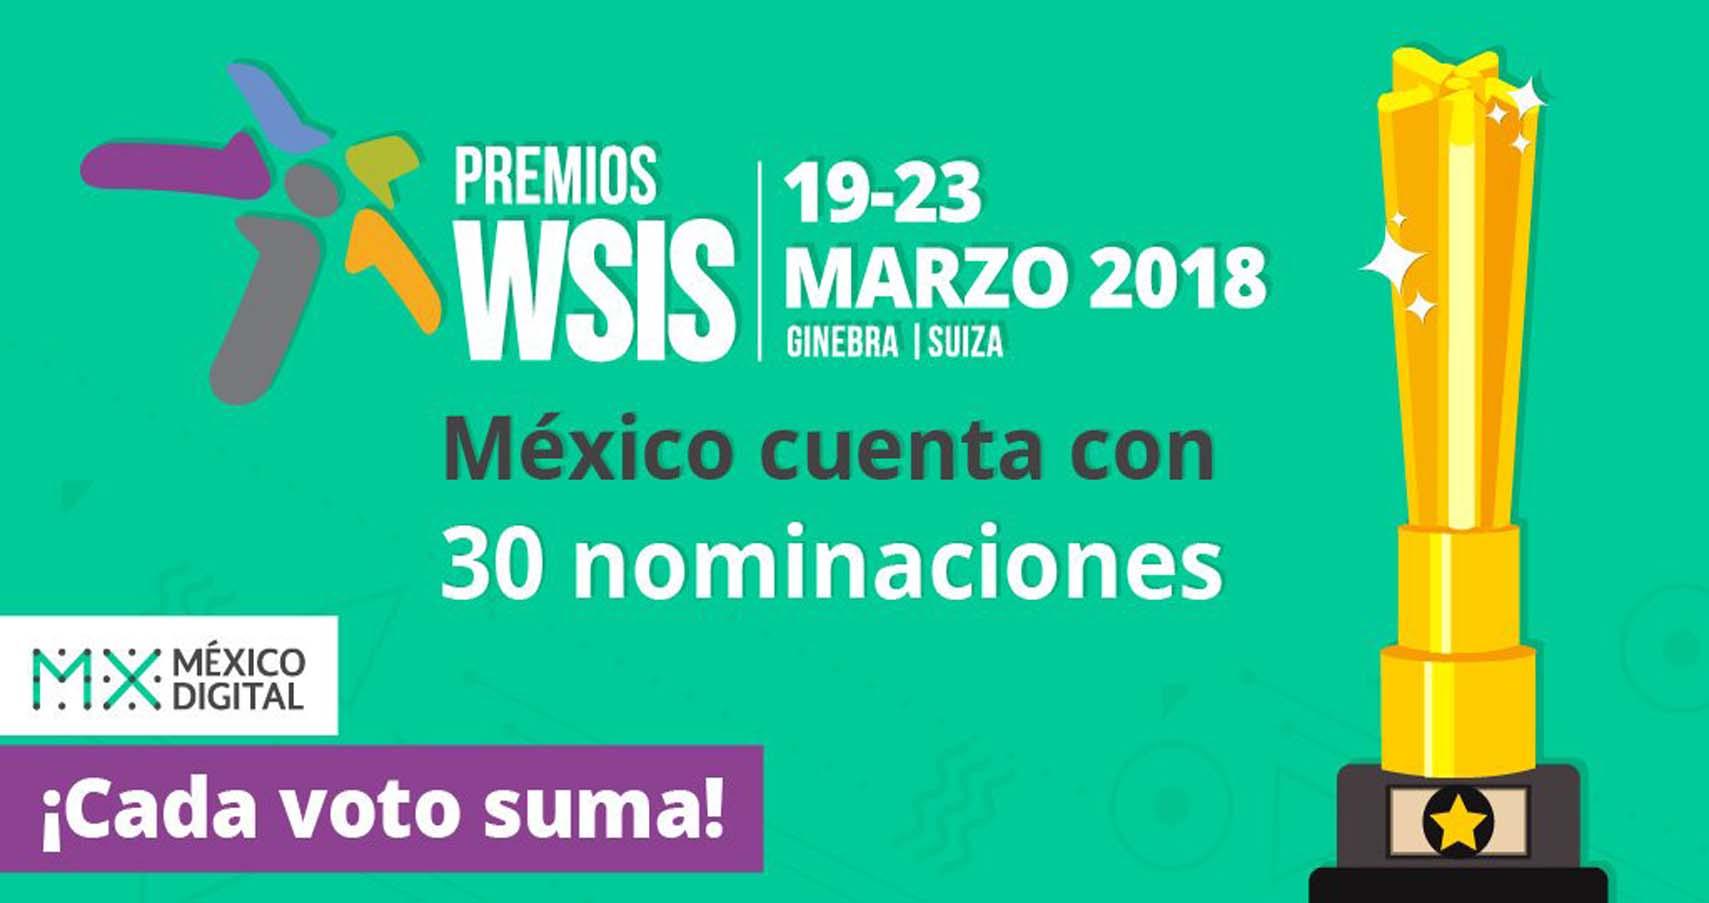 México en los Premios WSIS 2018